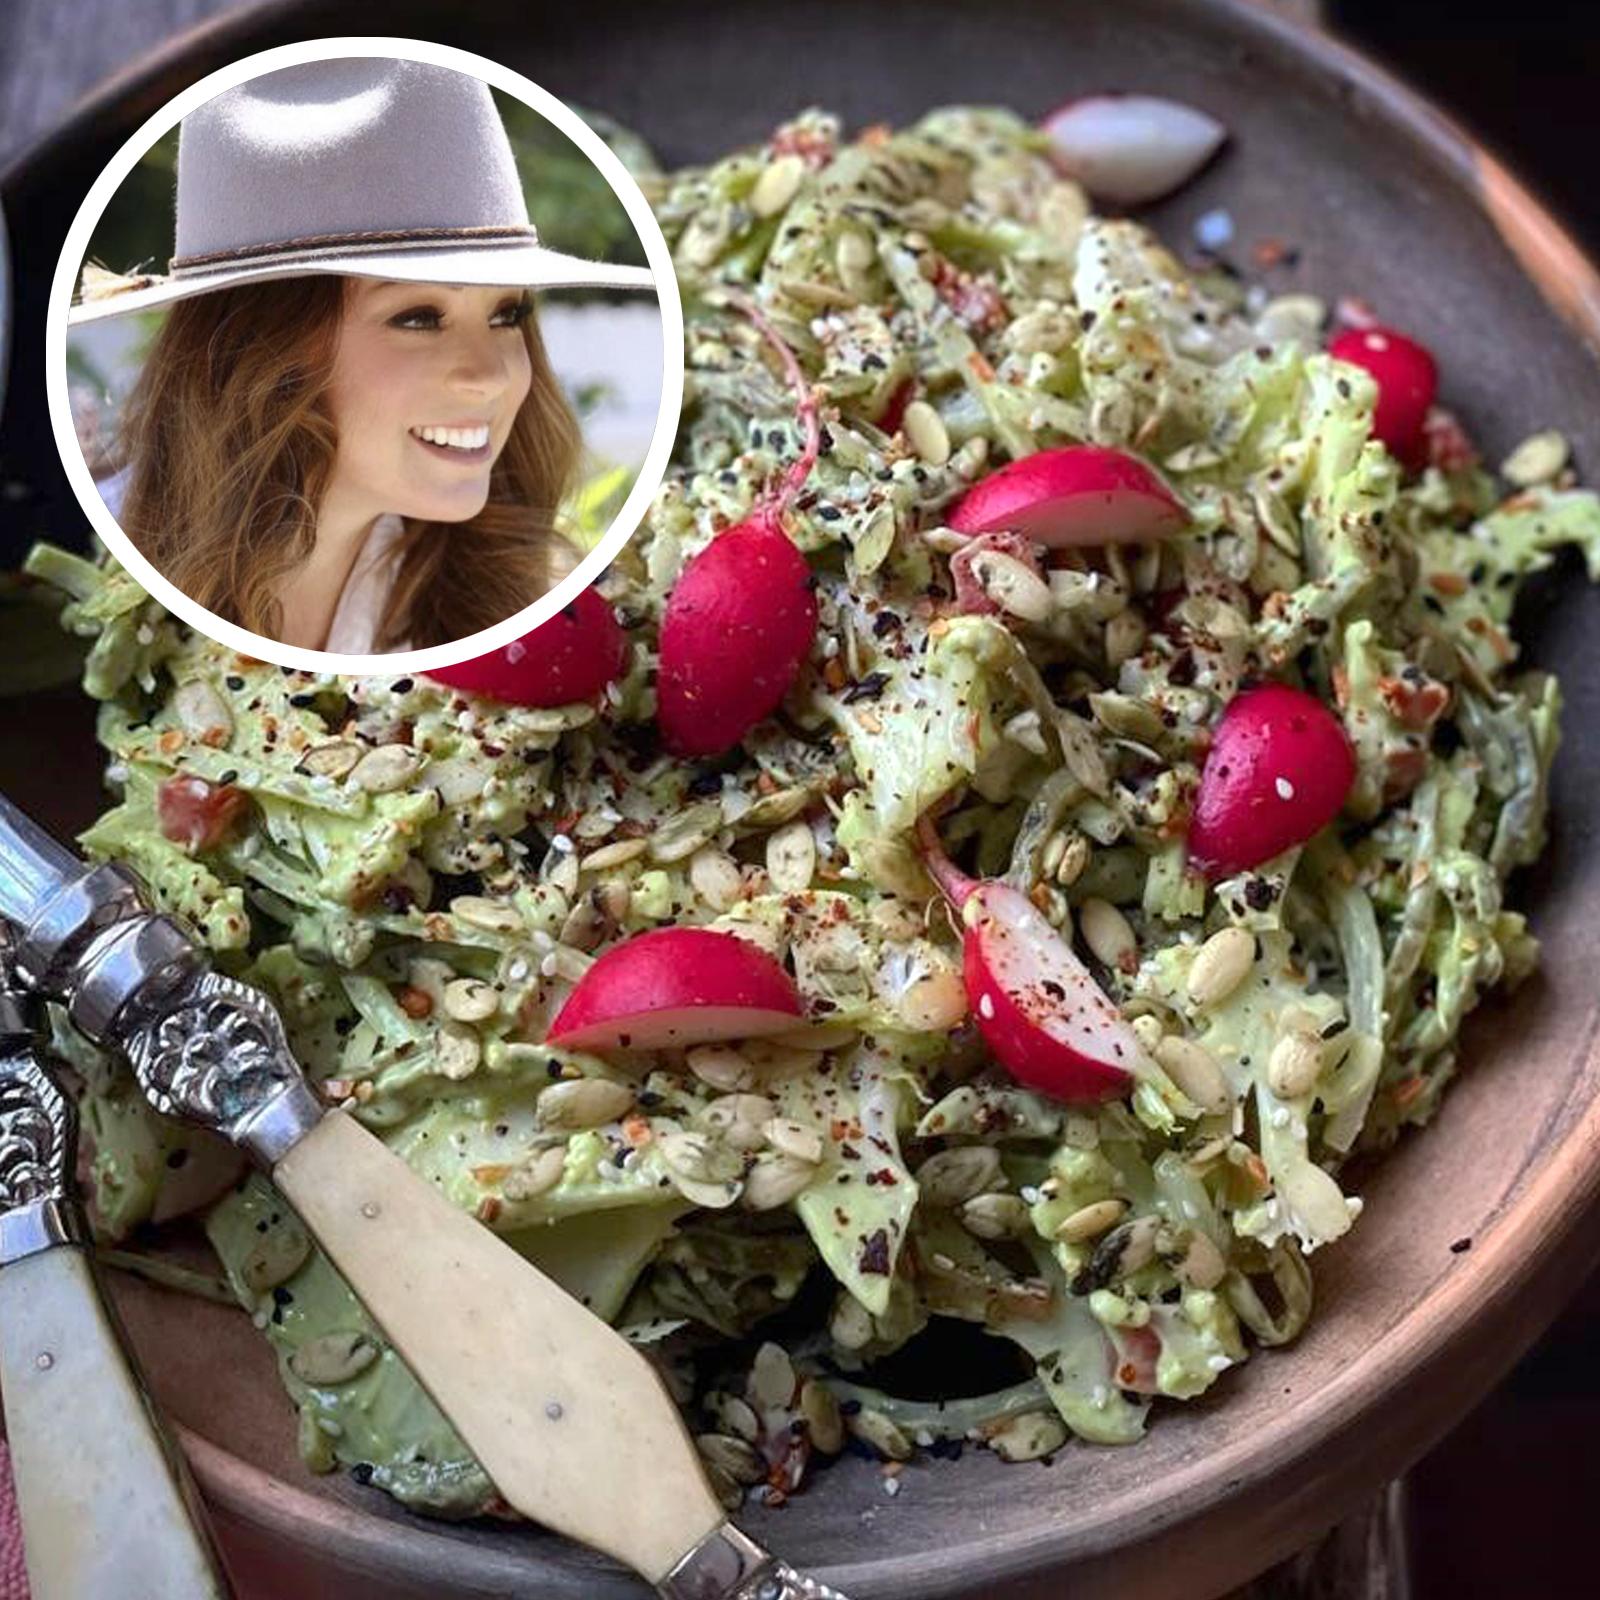 Receta de ensalada de nopales con aderezo de aguacate de la chef Marcela Valladolid